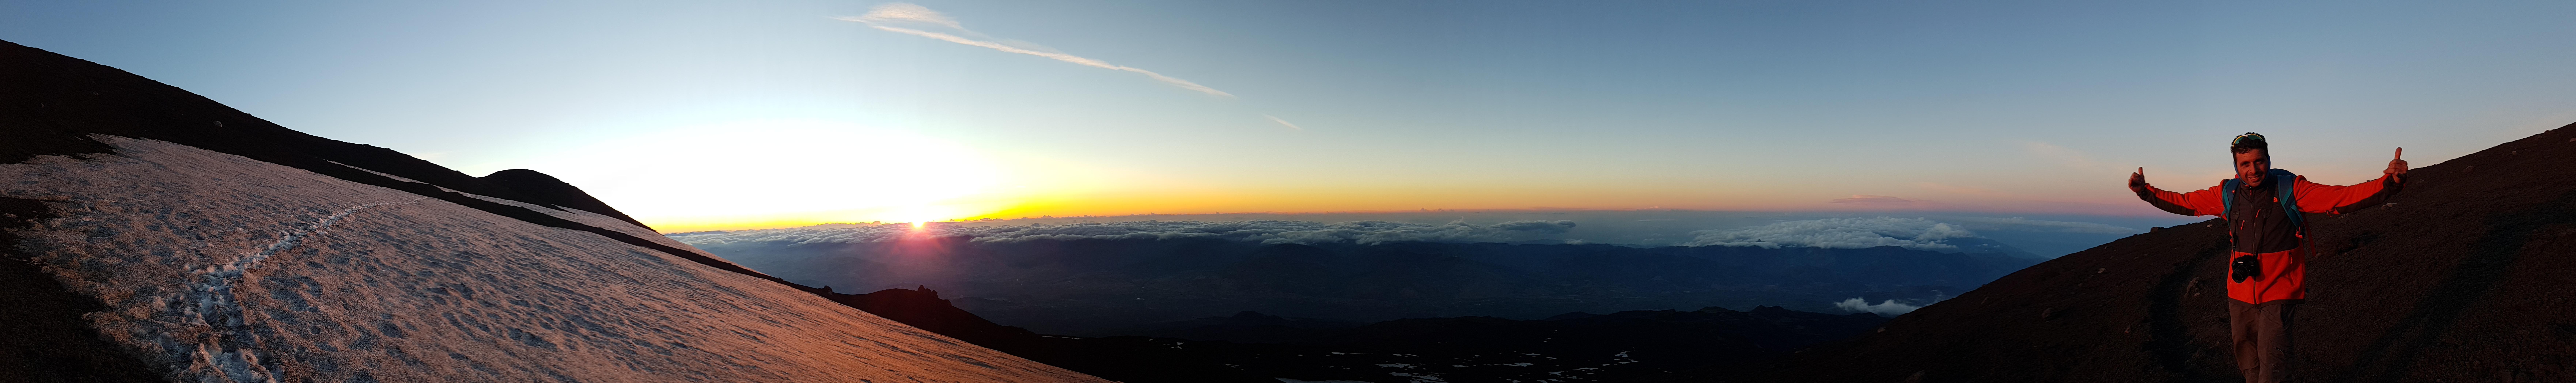 Etna sunset trekking wandeling